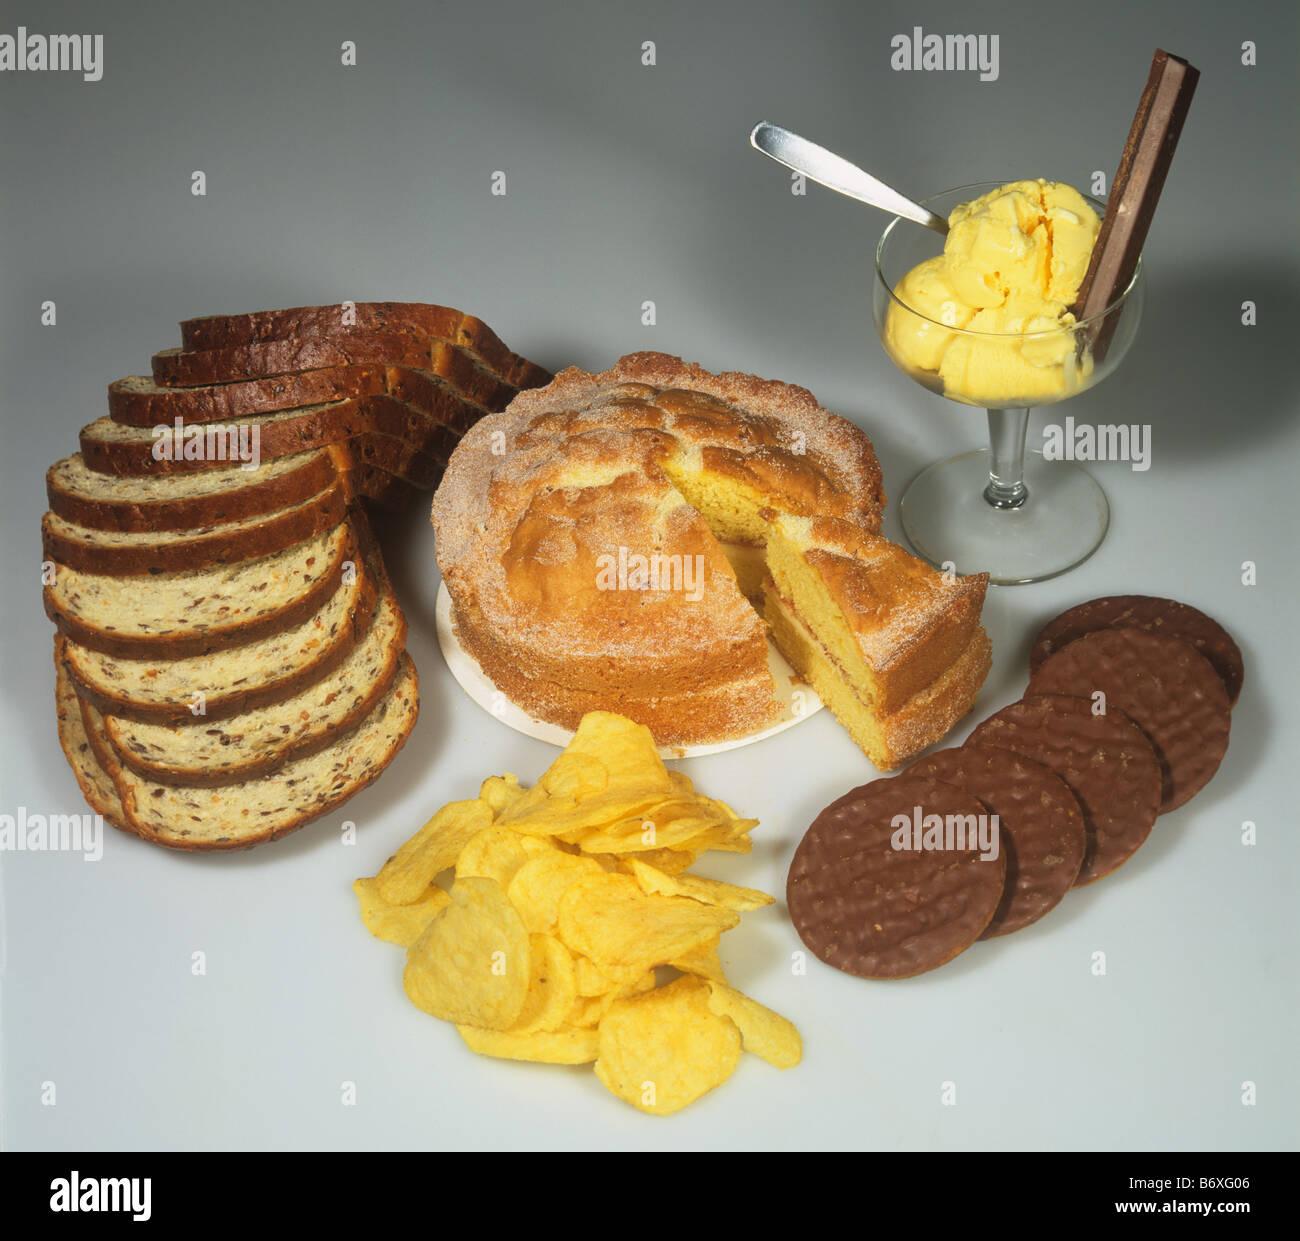 Los alimentos altos en carbohidratos de alta energía incluyendo la tarta galletas pan patatas fritas de chocolate Imagen De Stock